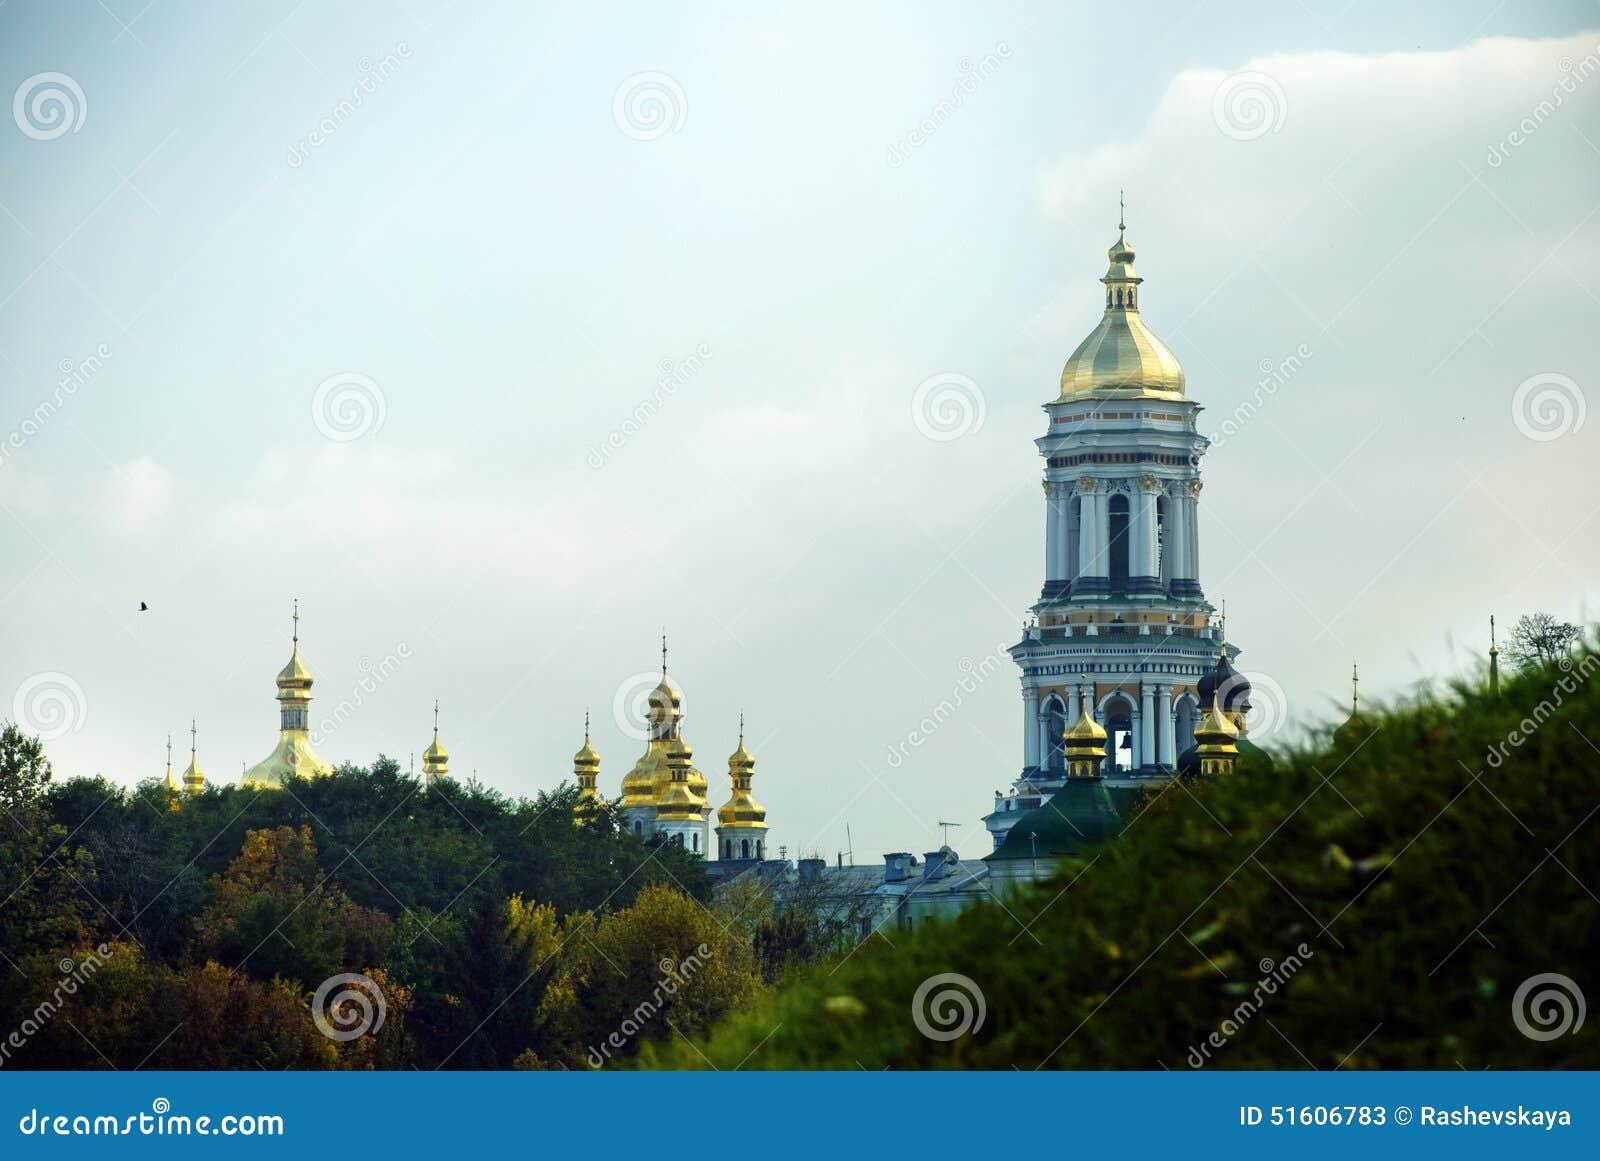 Kiev Pechersk Lavra or Kyiv Pechersk Lavra